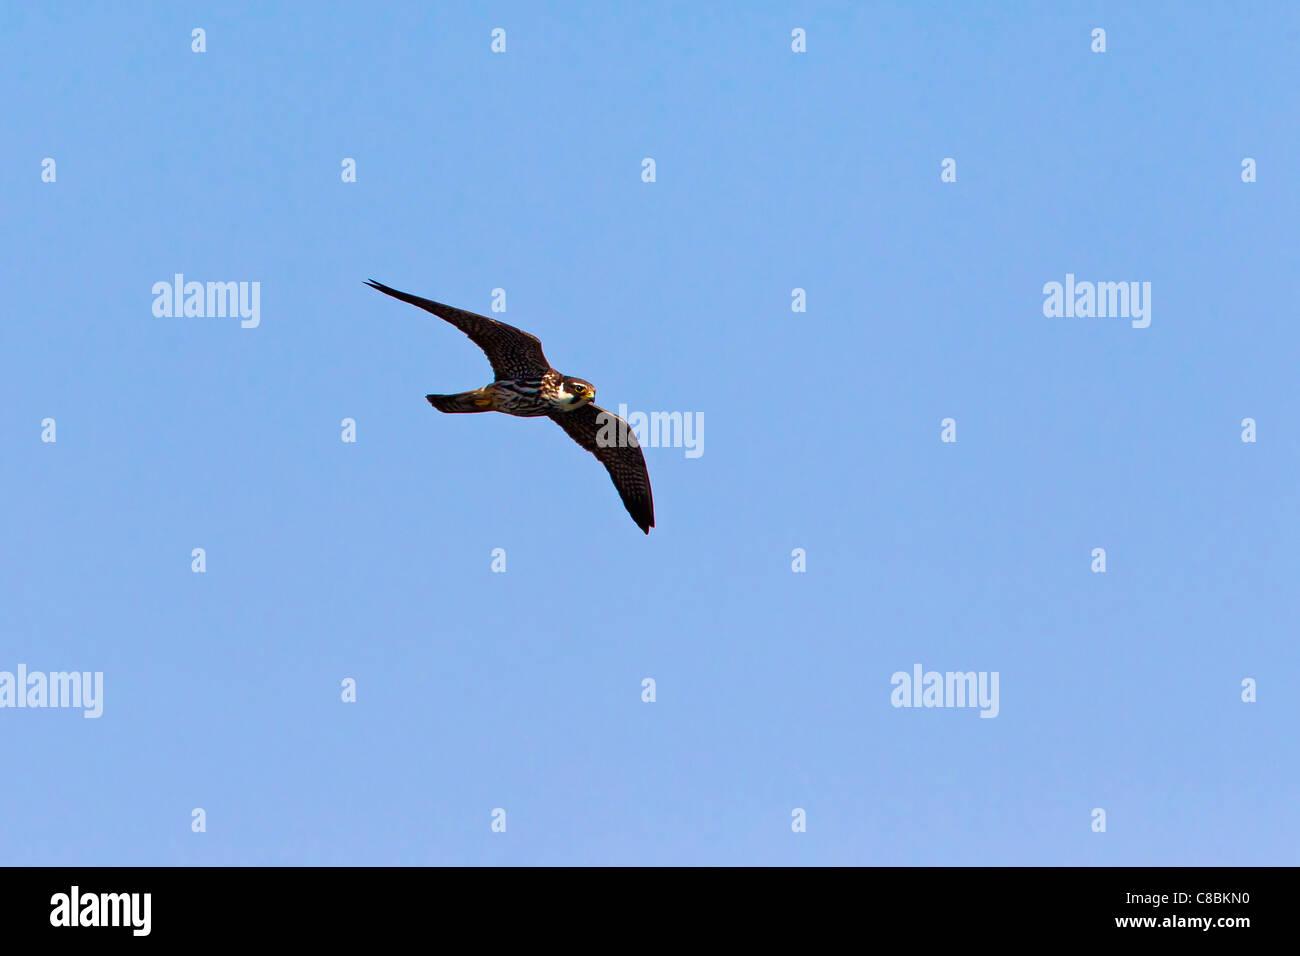 Eurasian Hobby (Falco subbuteo) in flight with caught dragonfly, Germany - Stock Image